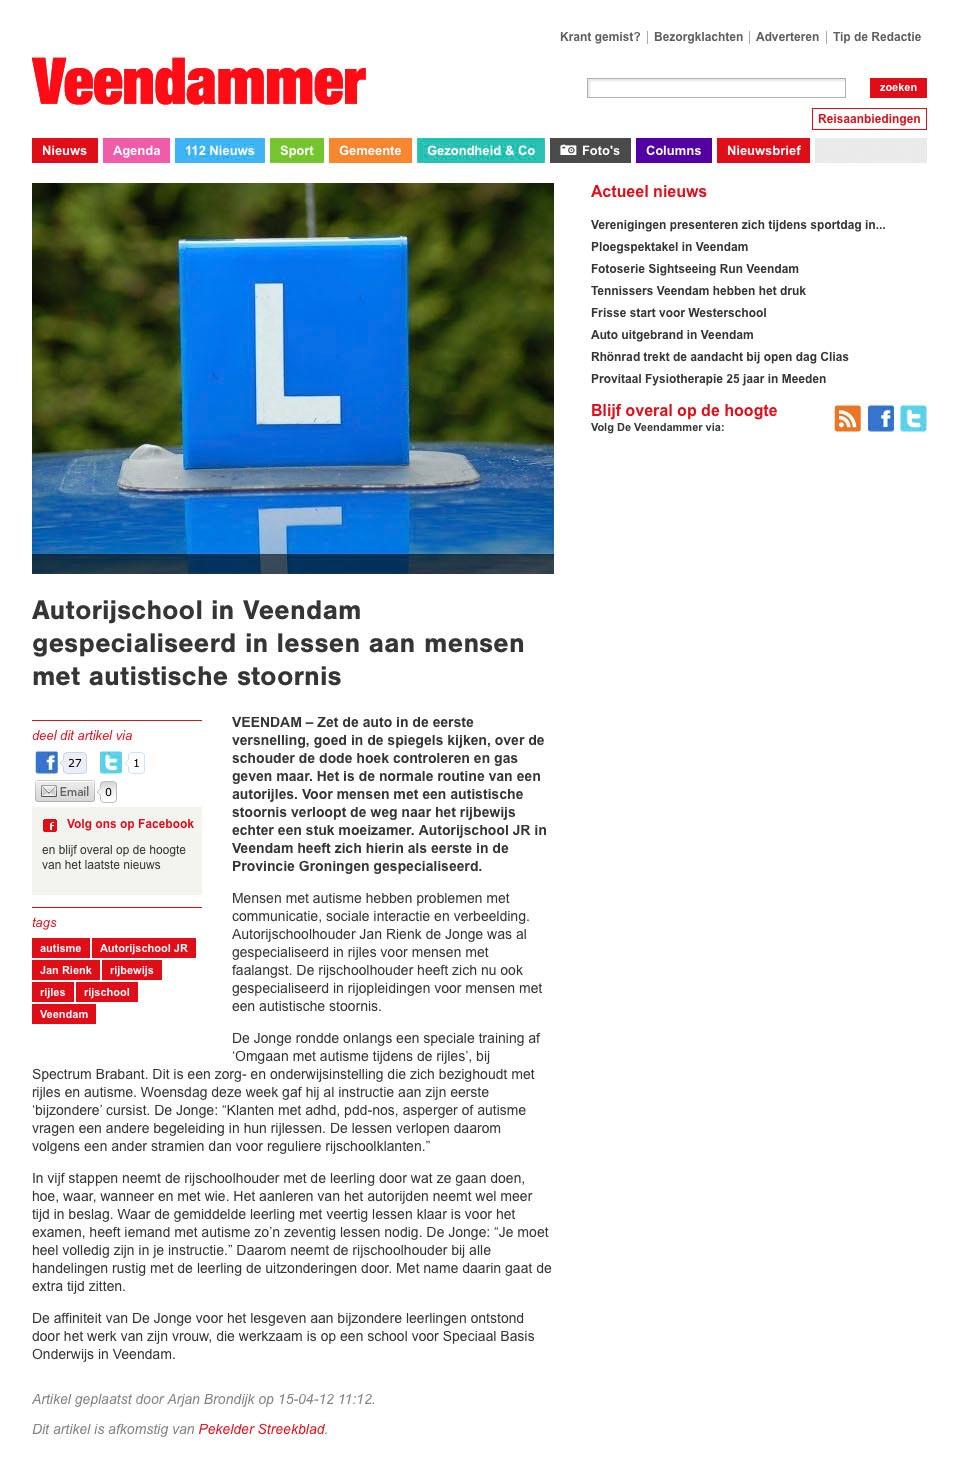 Autorijschool JR op www.veendammer.nl